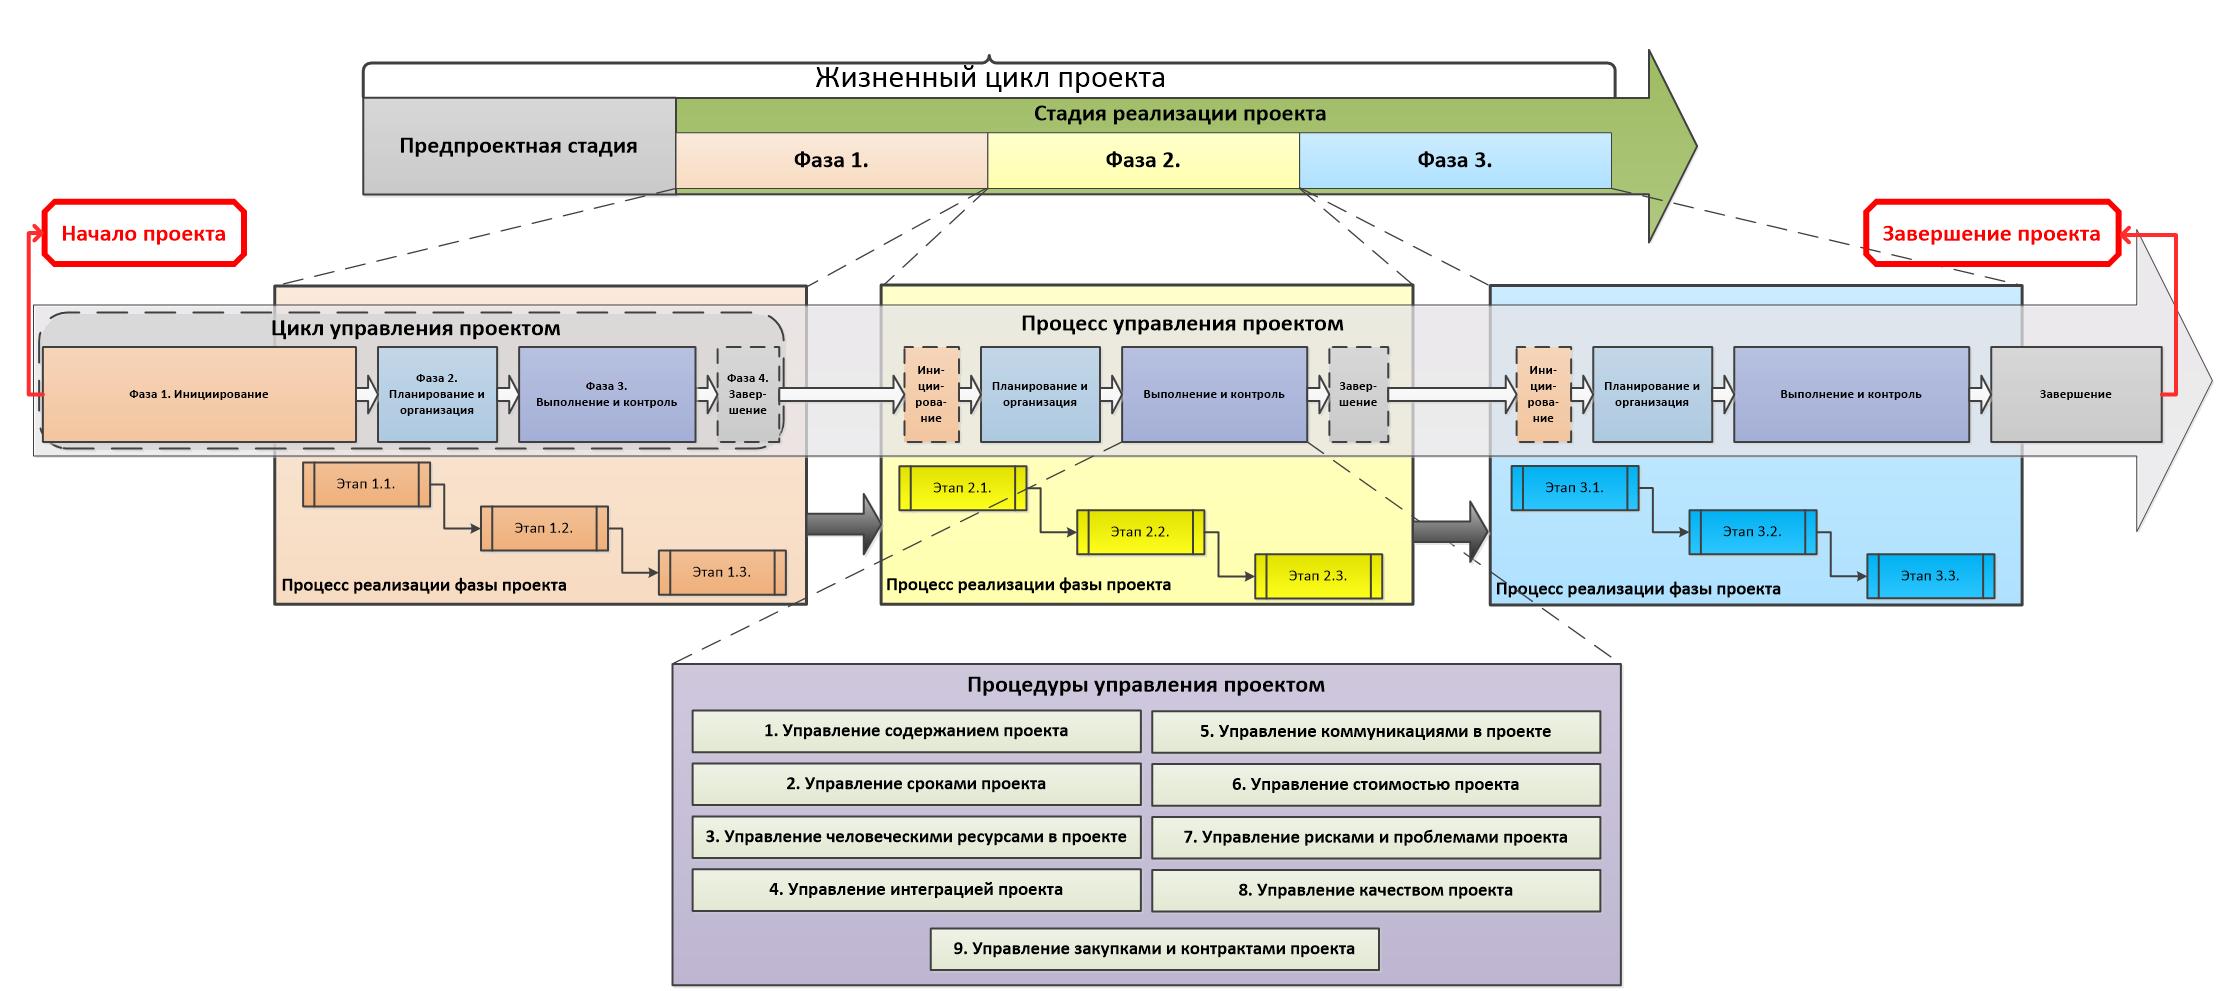 Основные этапы проектирования схем